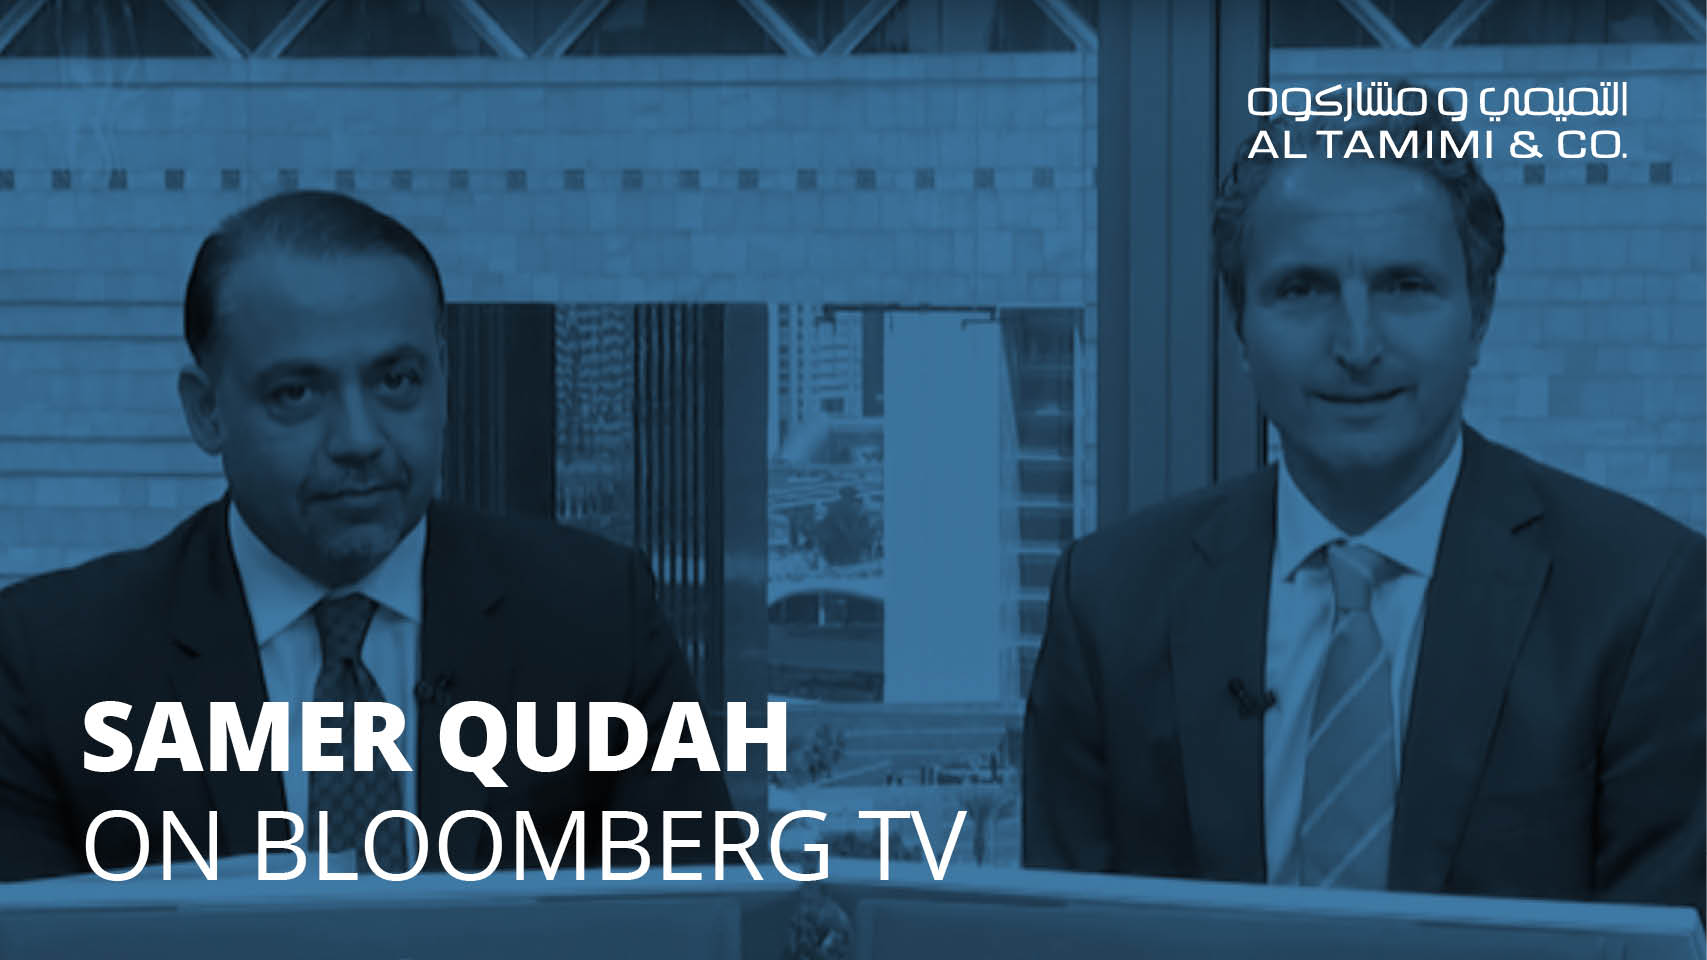 Samer Qudah on Bloomberg TV